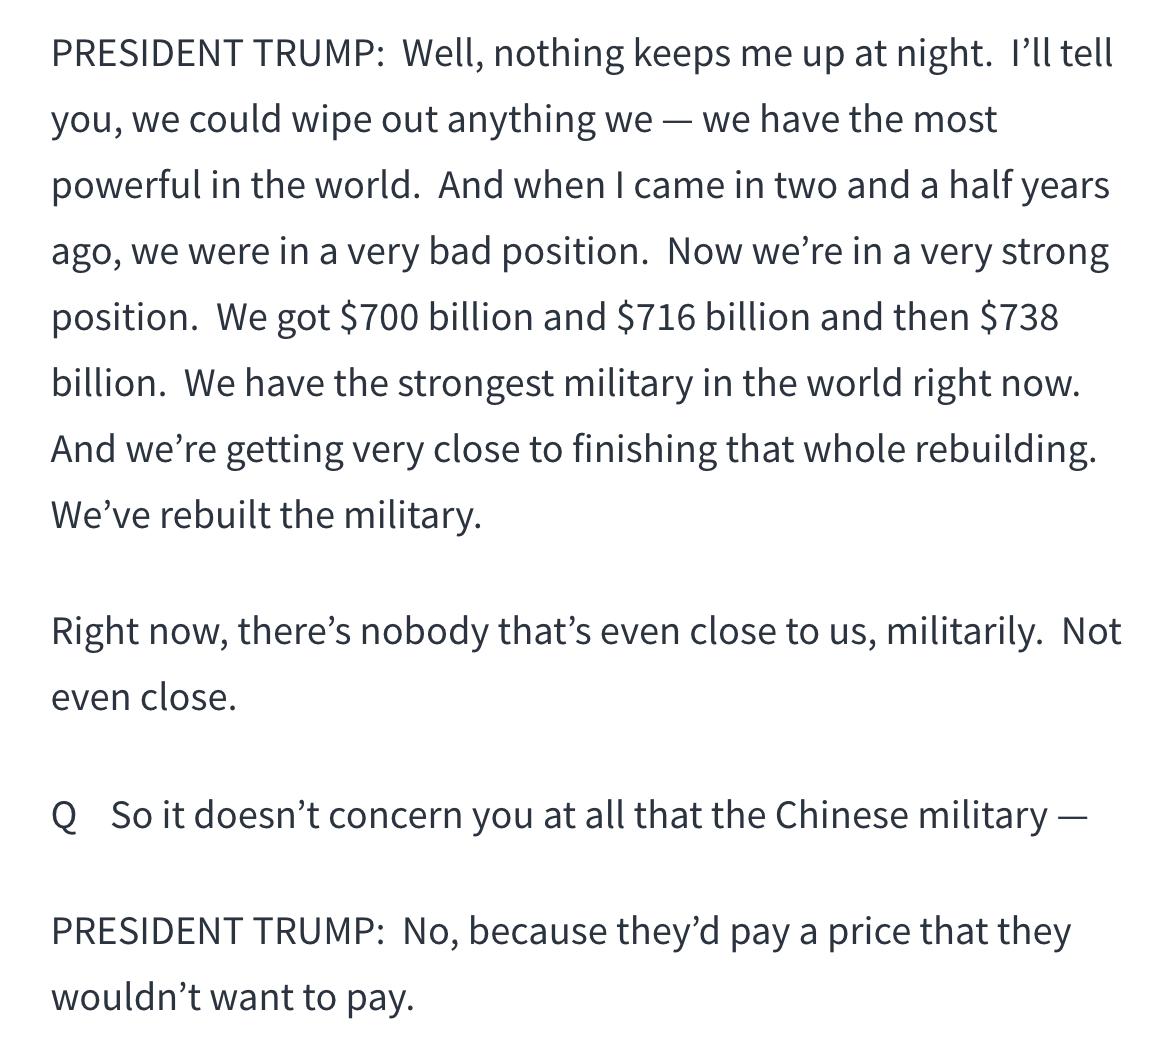 特朗普:终须有人出头解决中国问题_图1-14